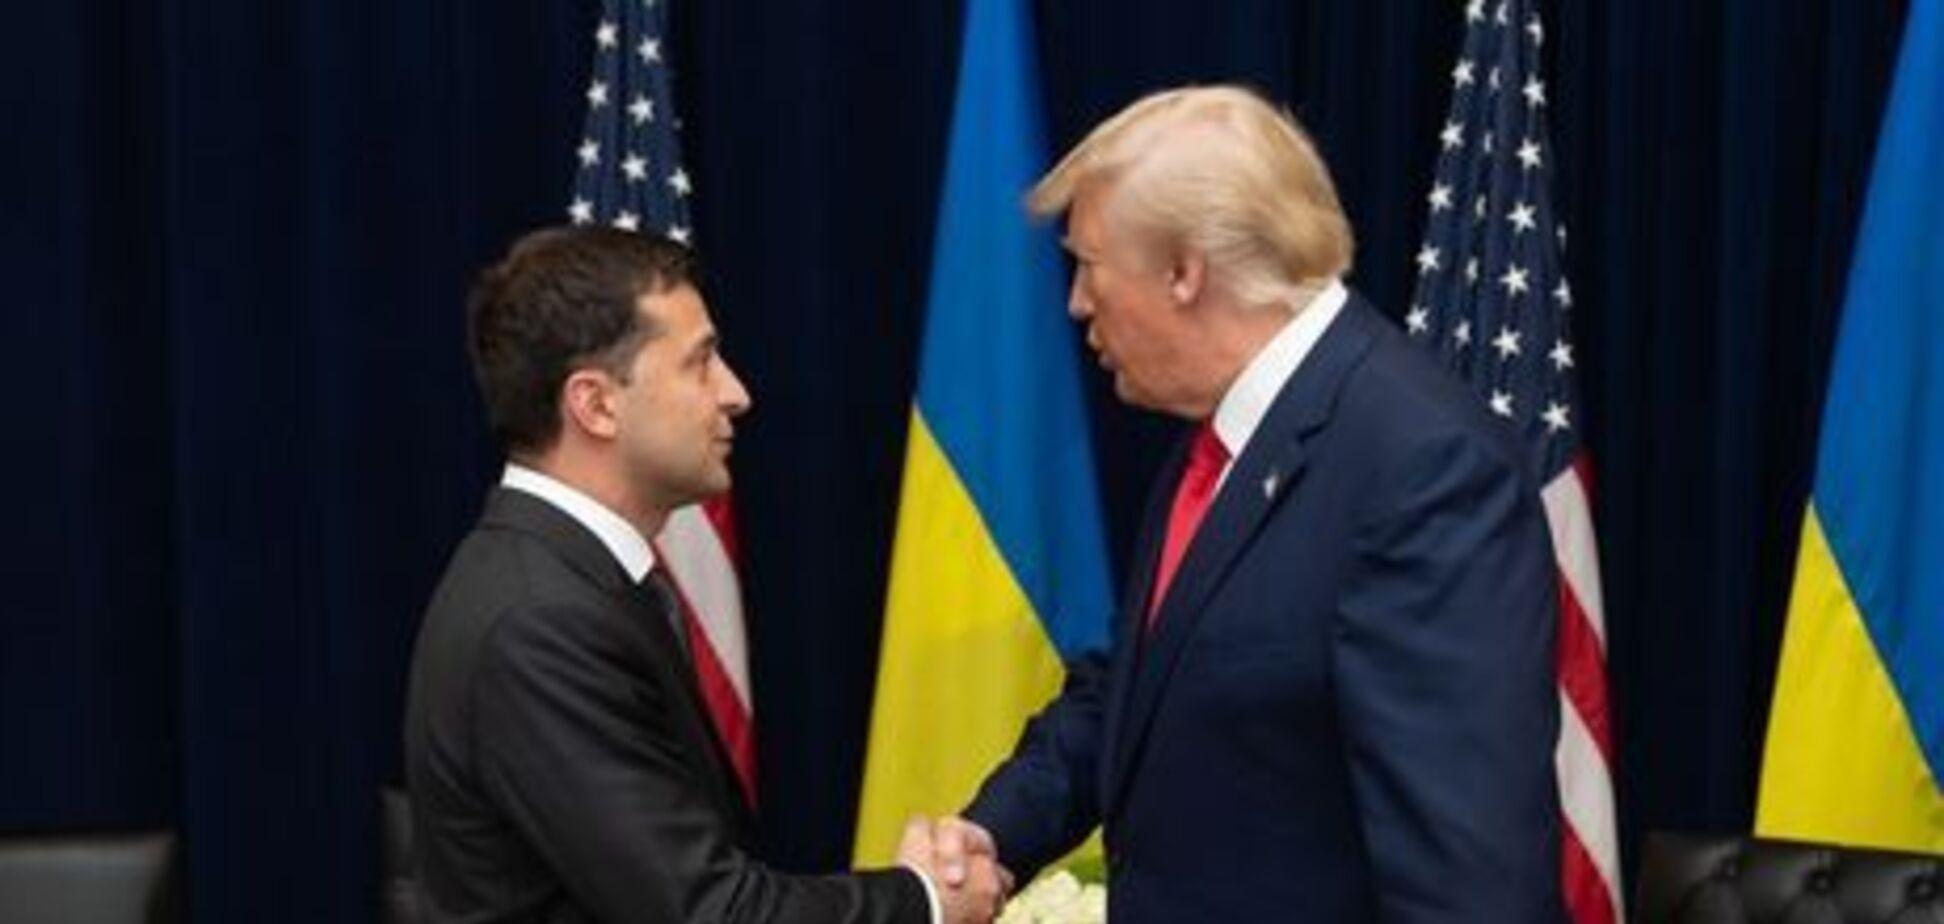 Трамп заморозил помощь Украине после разговора с Зеленским: новые подробности